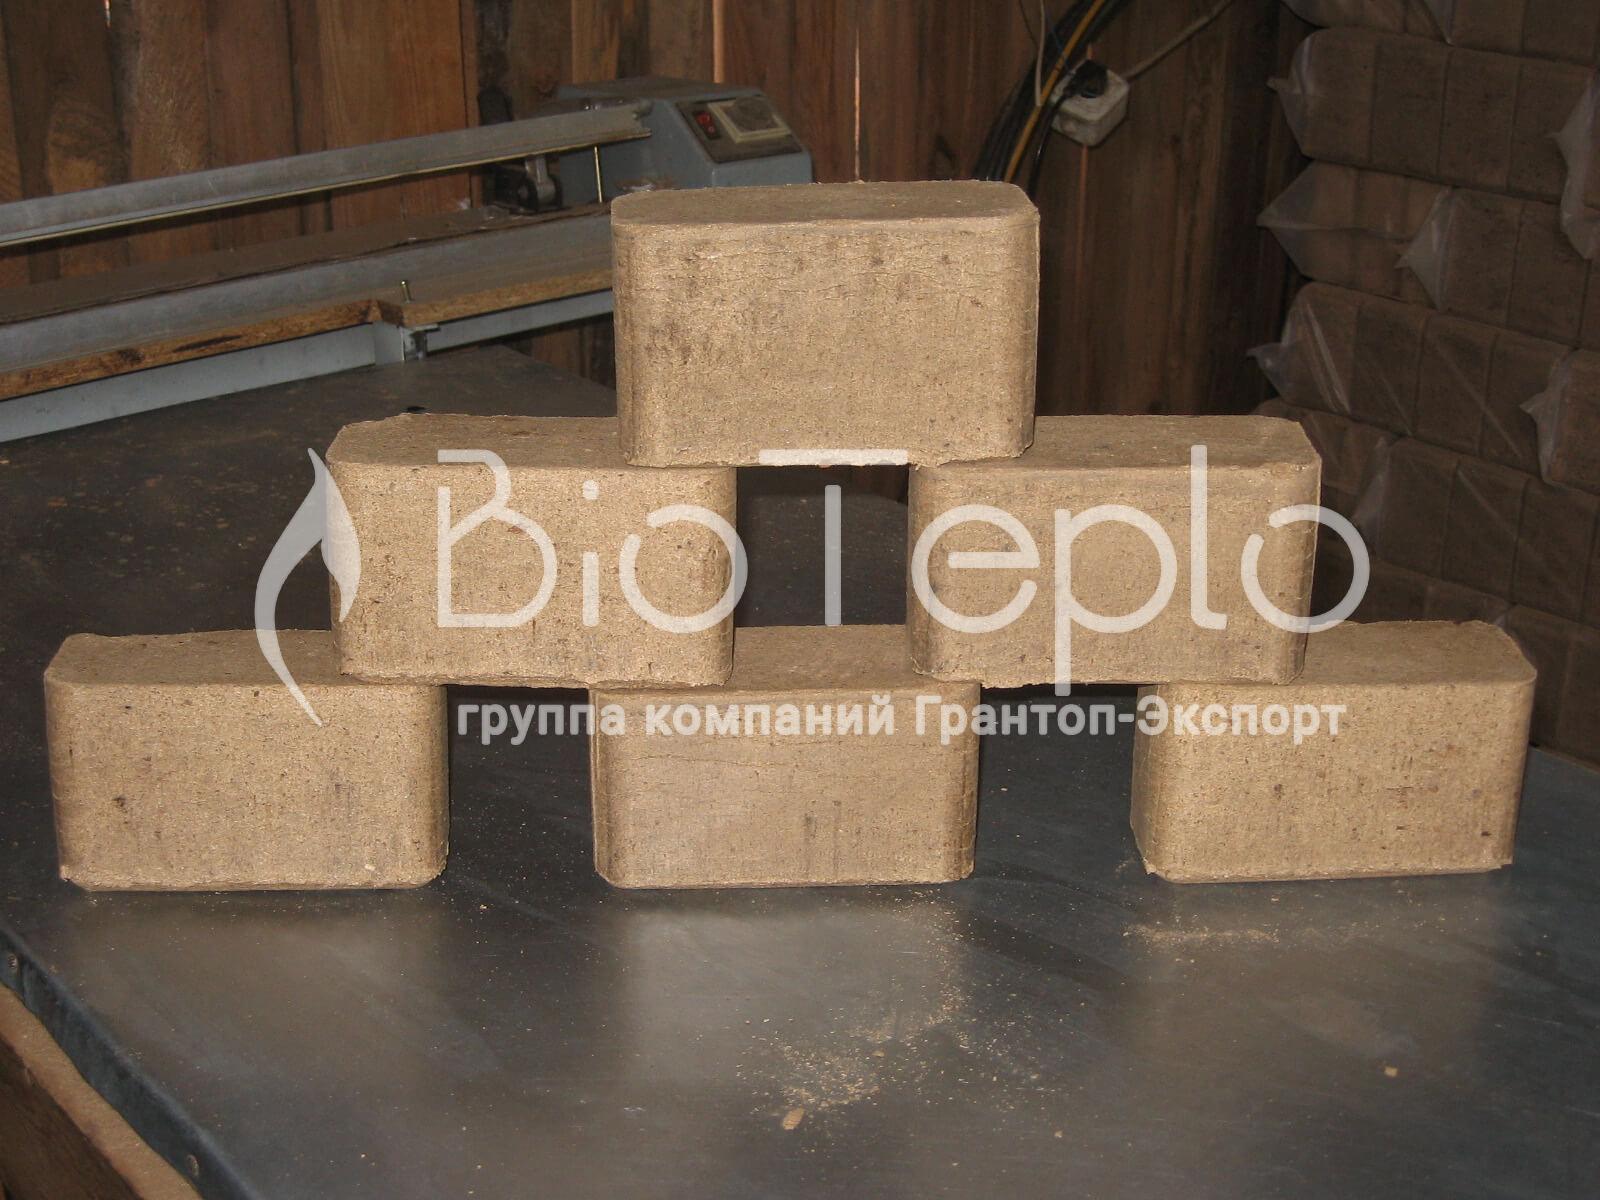 хранение топливных брикетов правила хранение евродров как хранить топливные брикеты евродрова